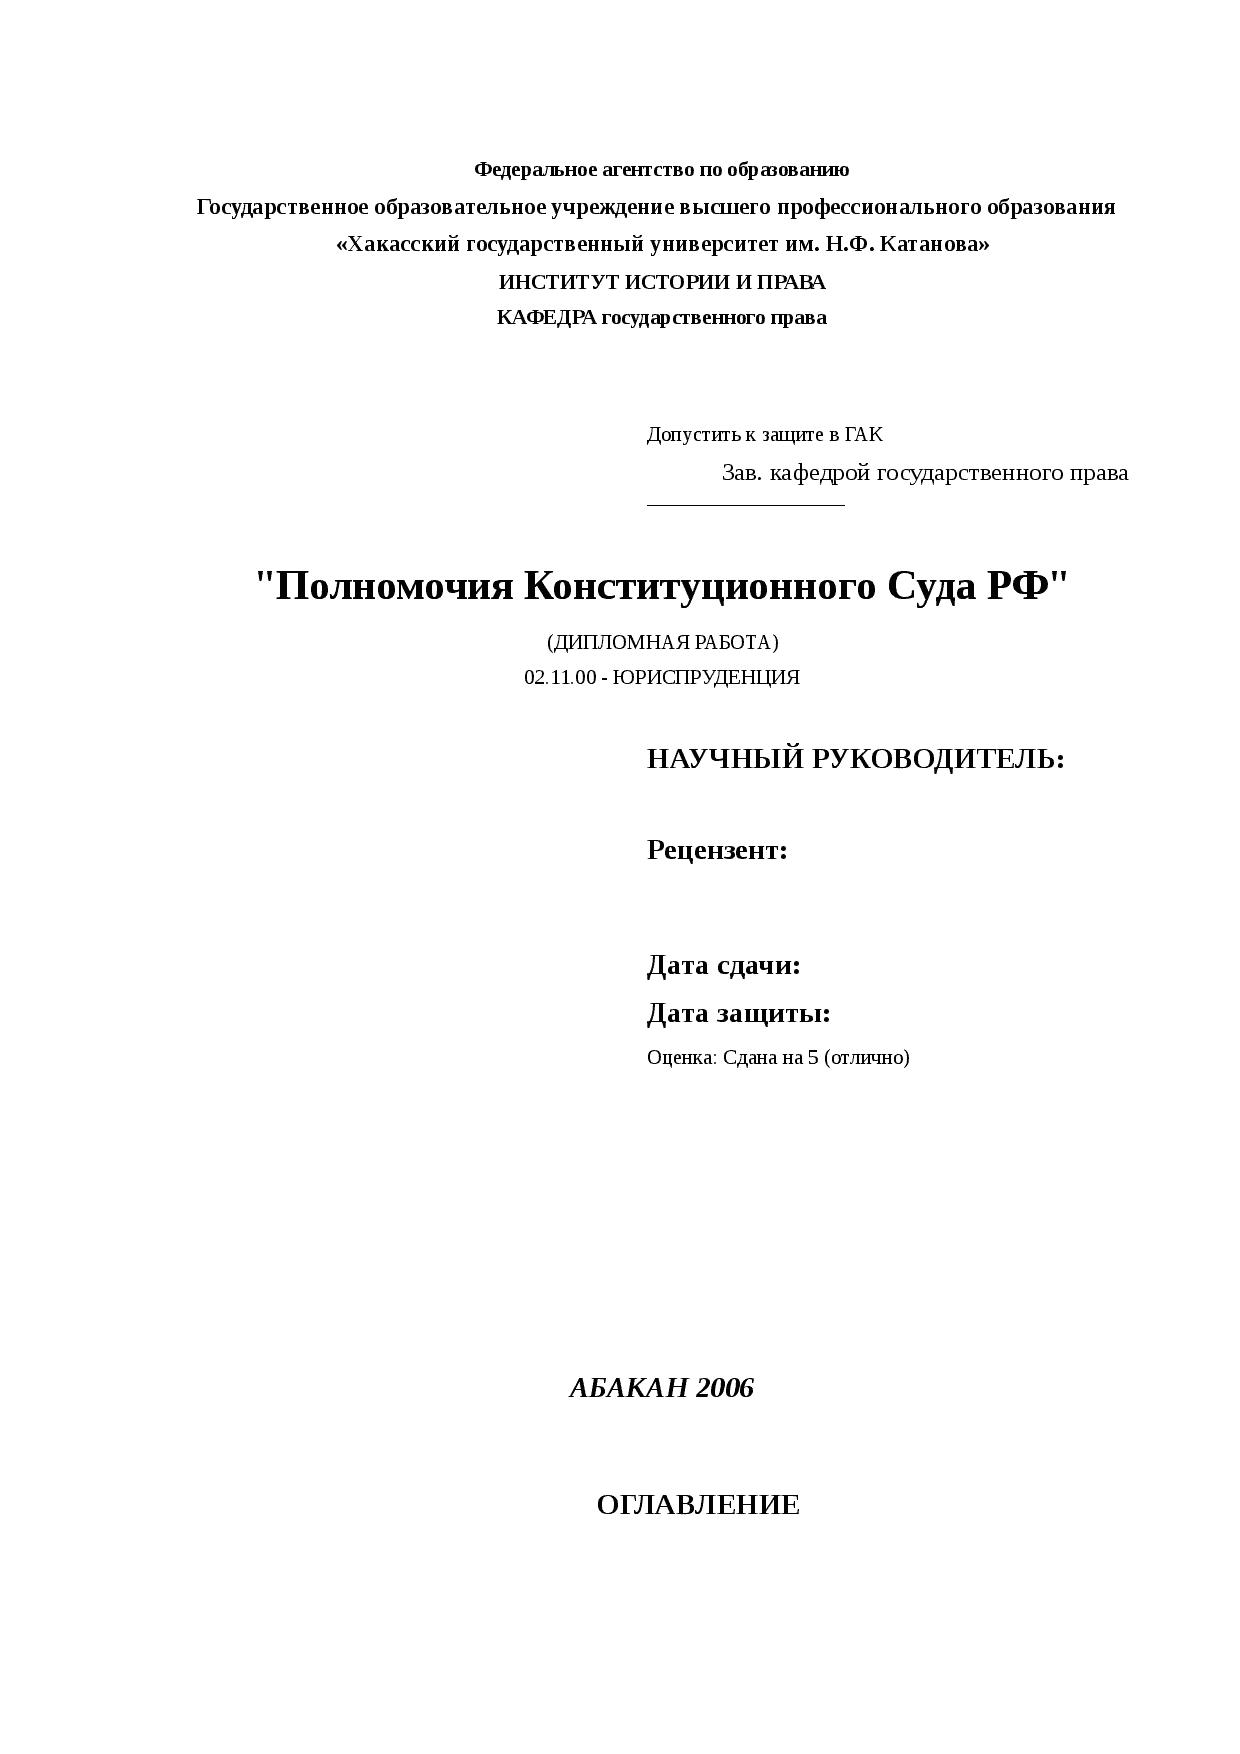 конституционный суд рф состоит из скольки судей